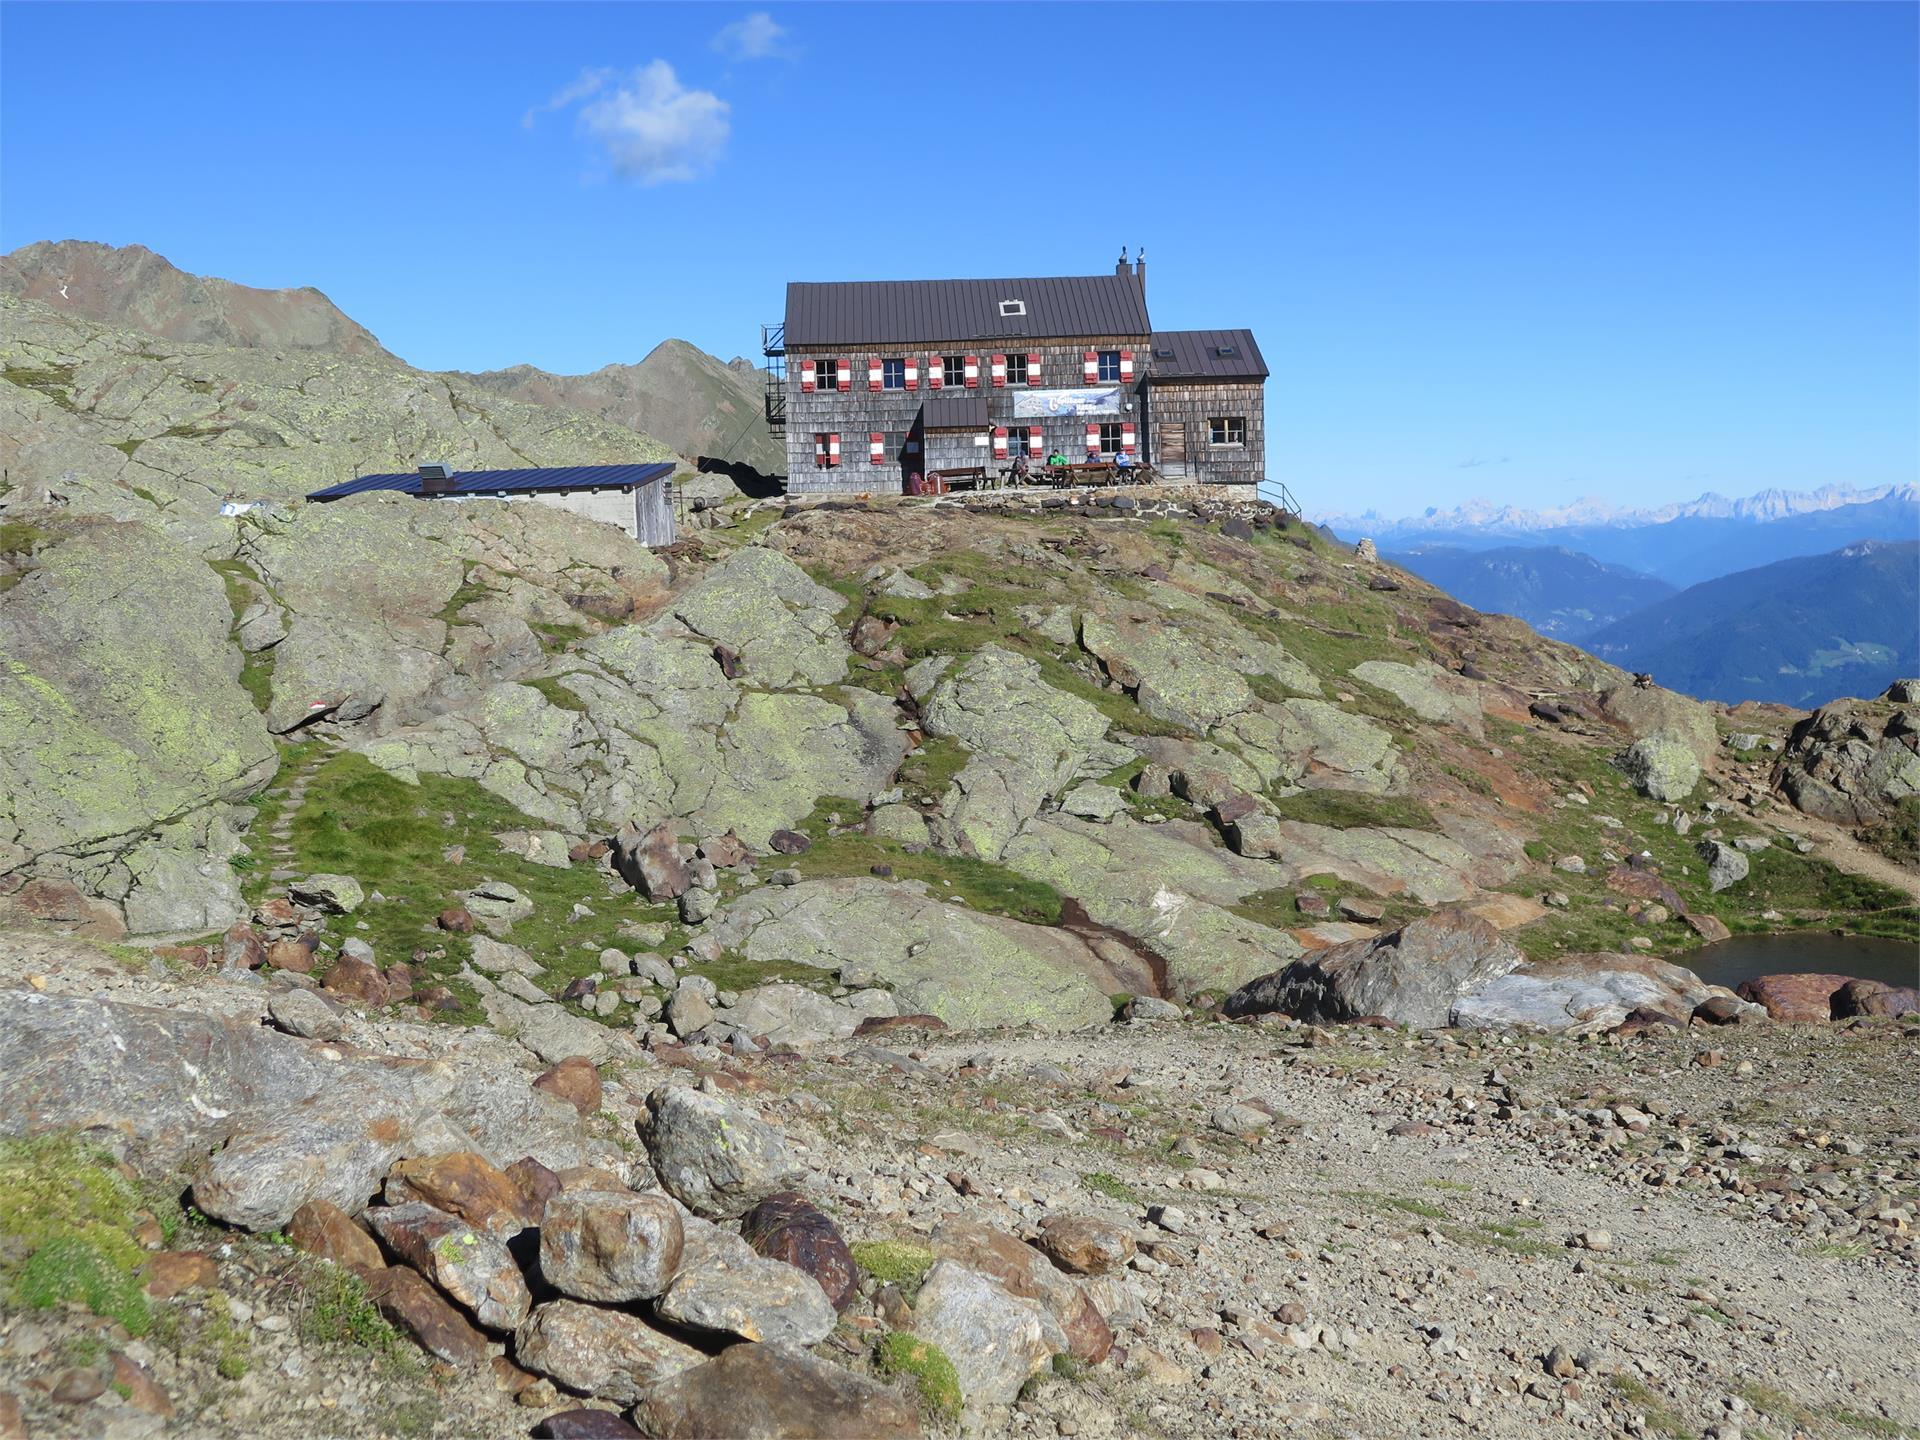 Alpine hut Teplitzerhütte